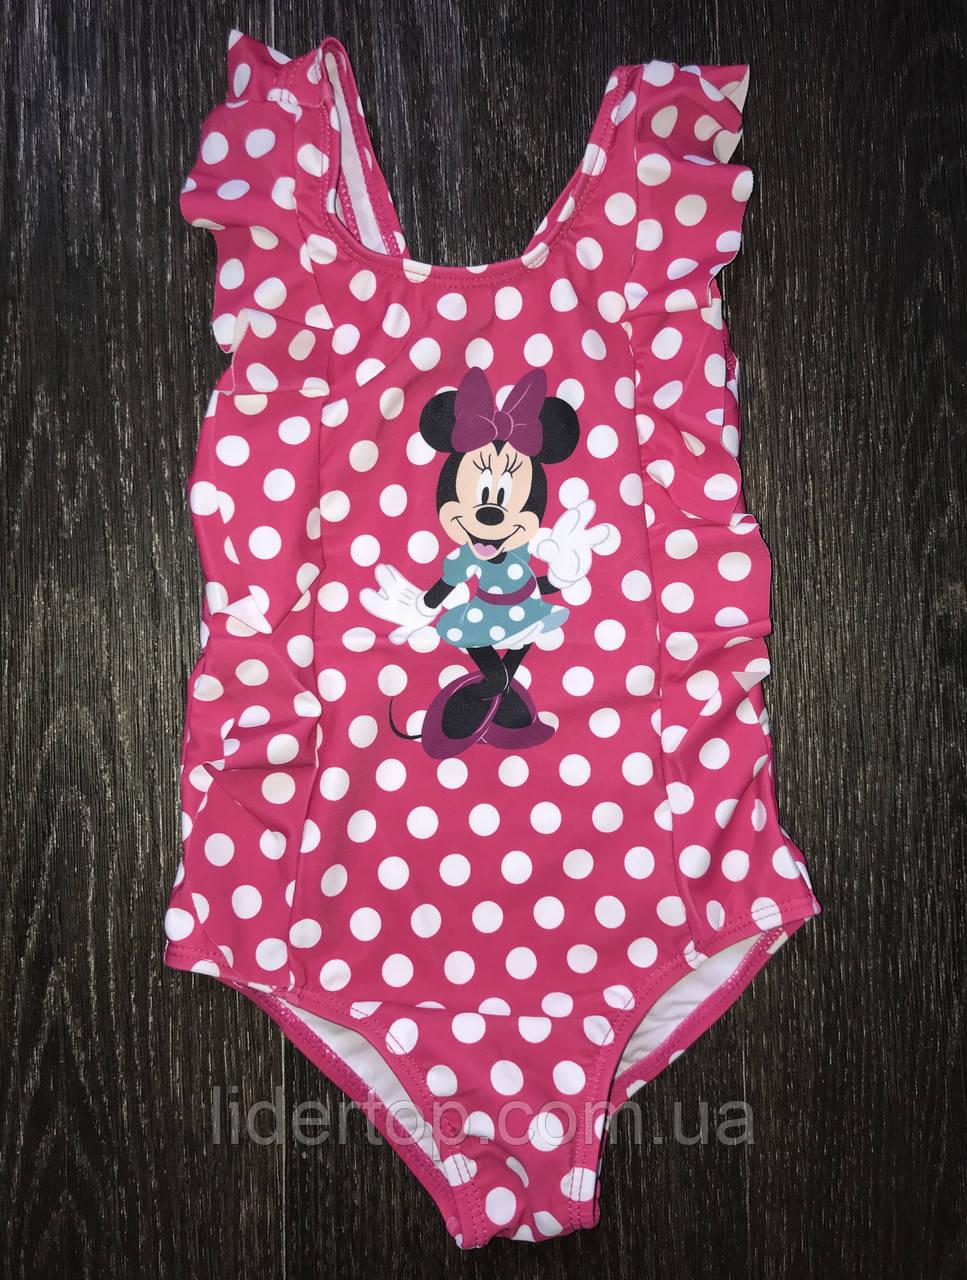 Купальник на Девочку Минни Маус Disney 2-3 года